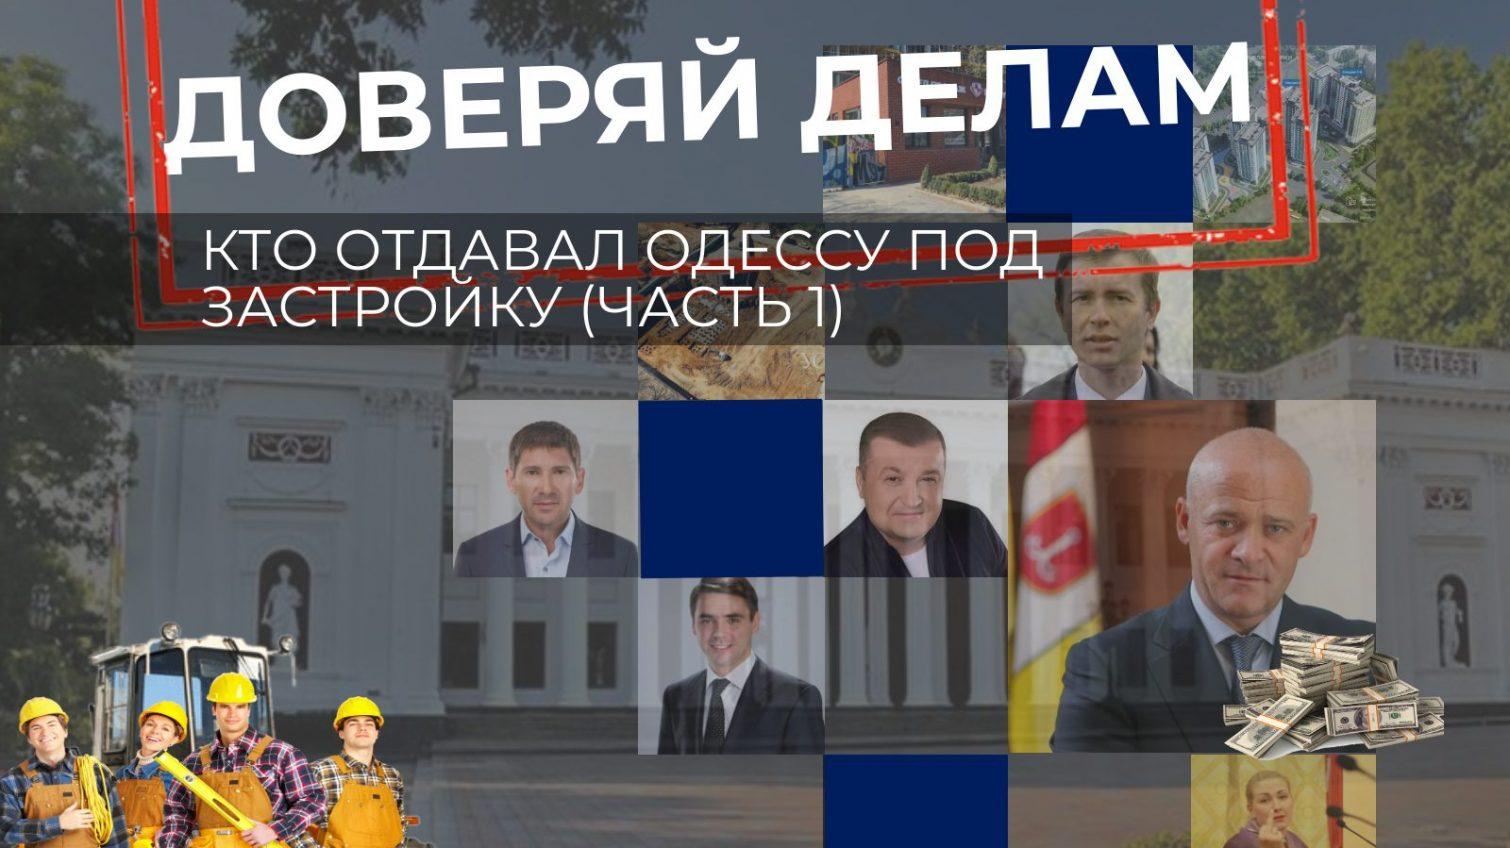 Доверяй делам: кто отдавал землю Одессы под застройку (часть 1) «фото»